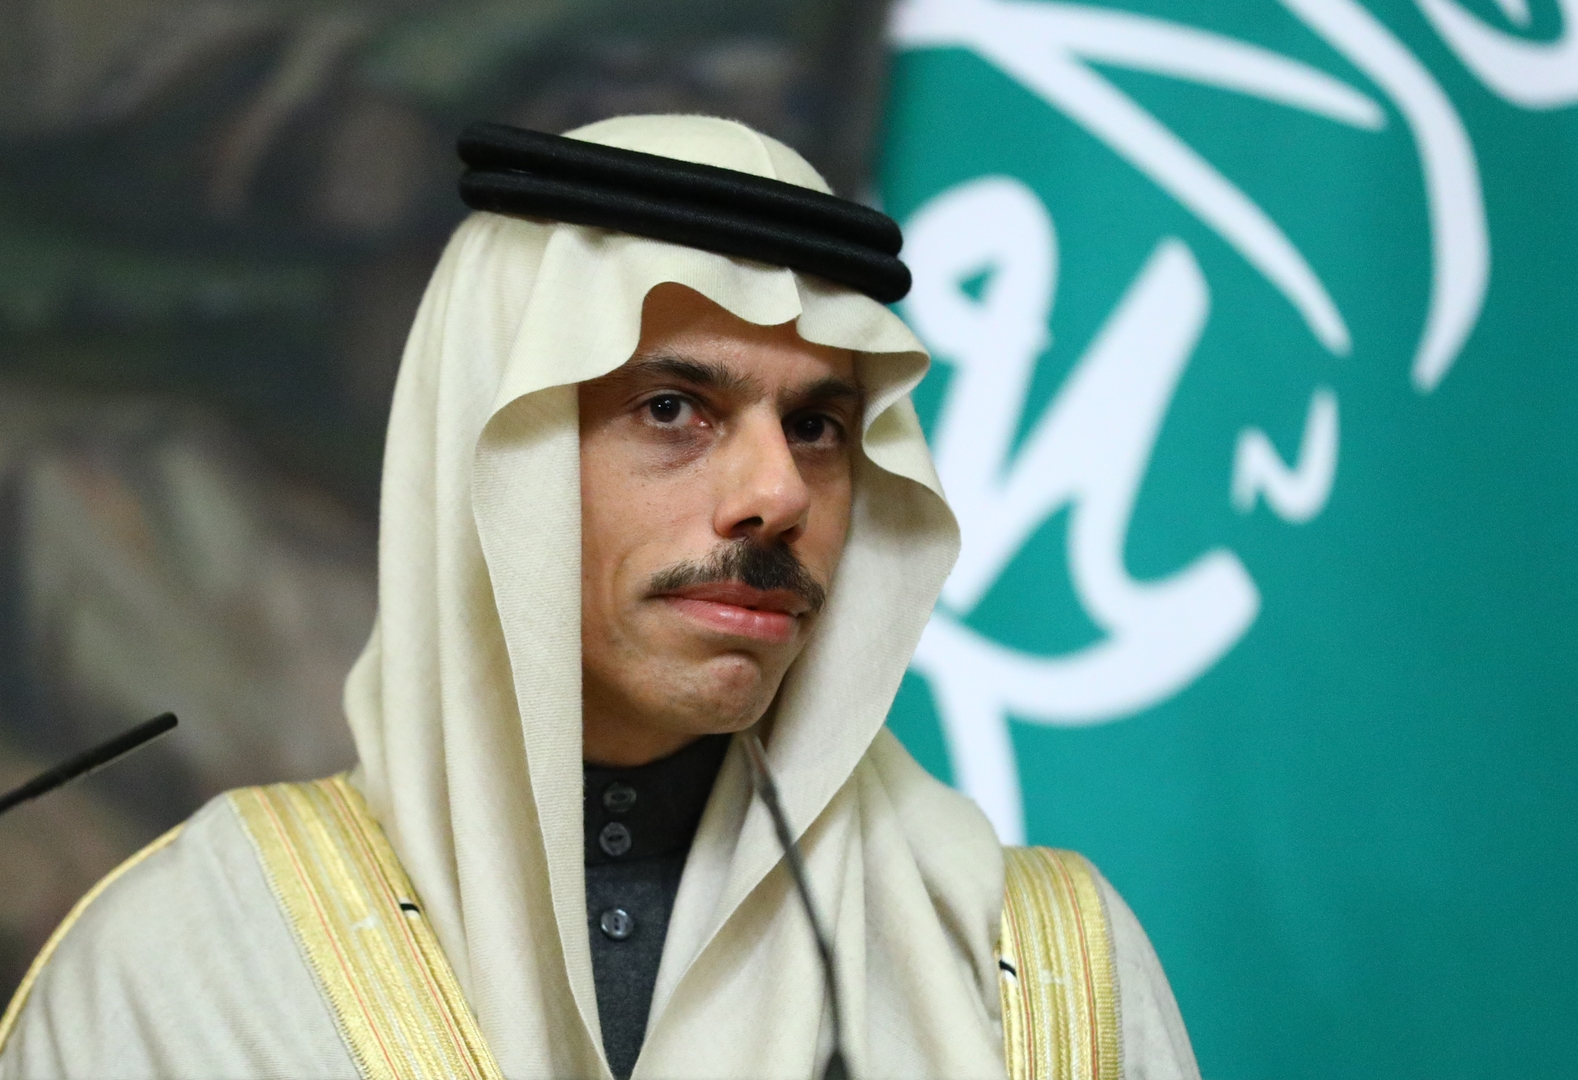 الرياض: نقدر التعاون مع روسيا لاستقرار أسواق النفط